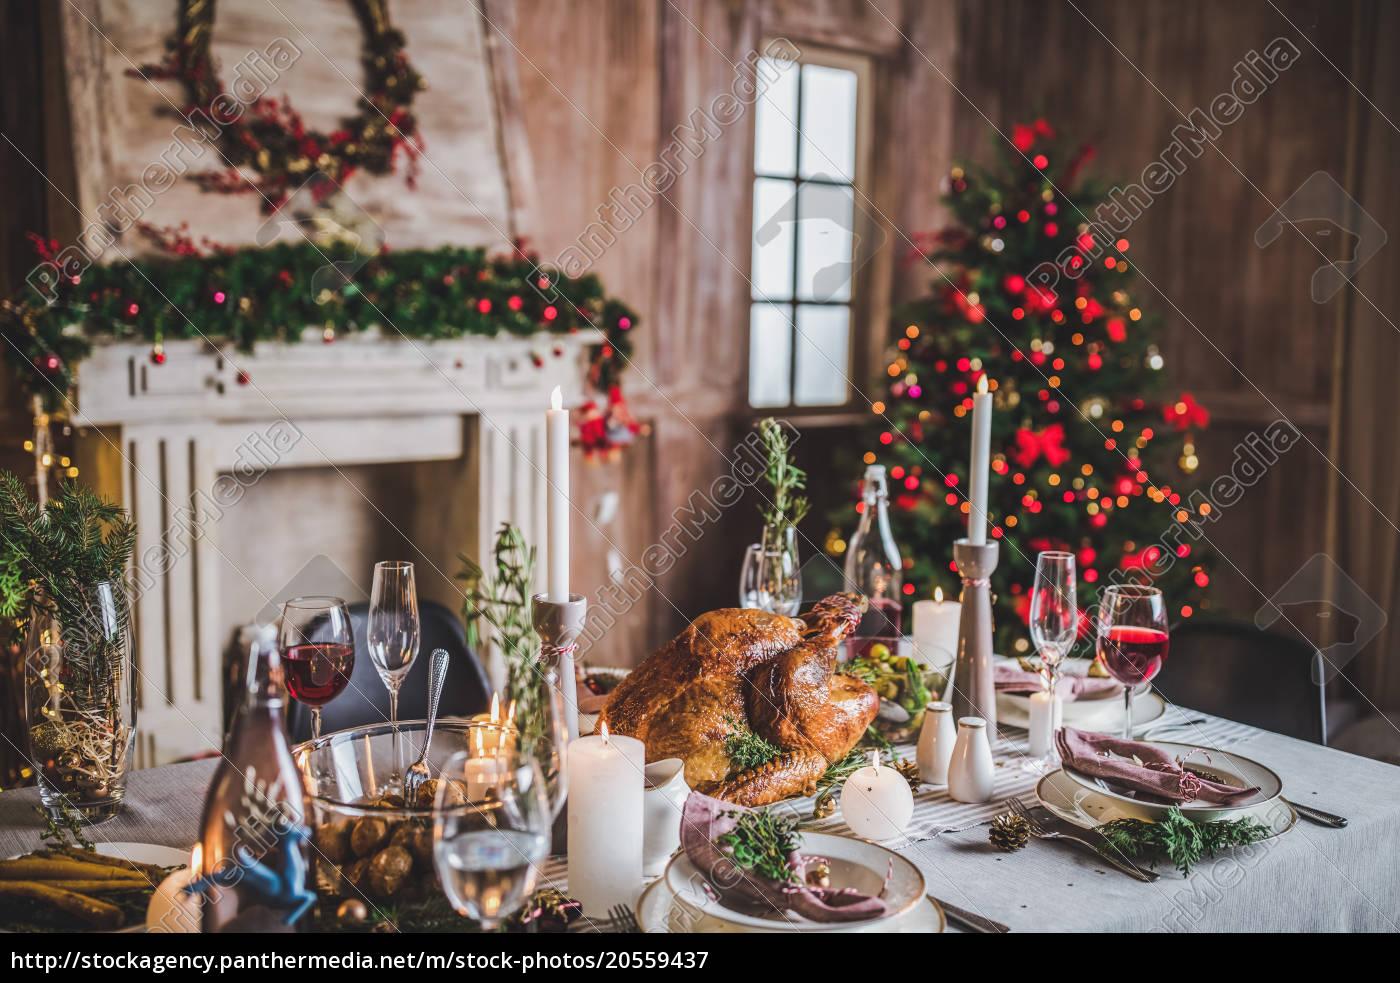 roasted, turkey, on, holiday, table - 20559437